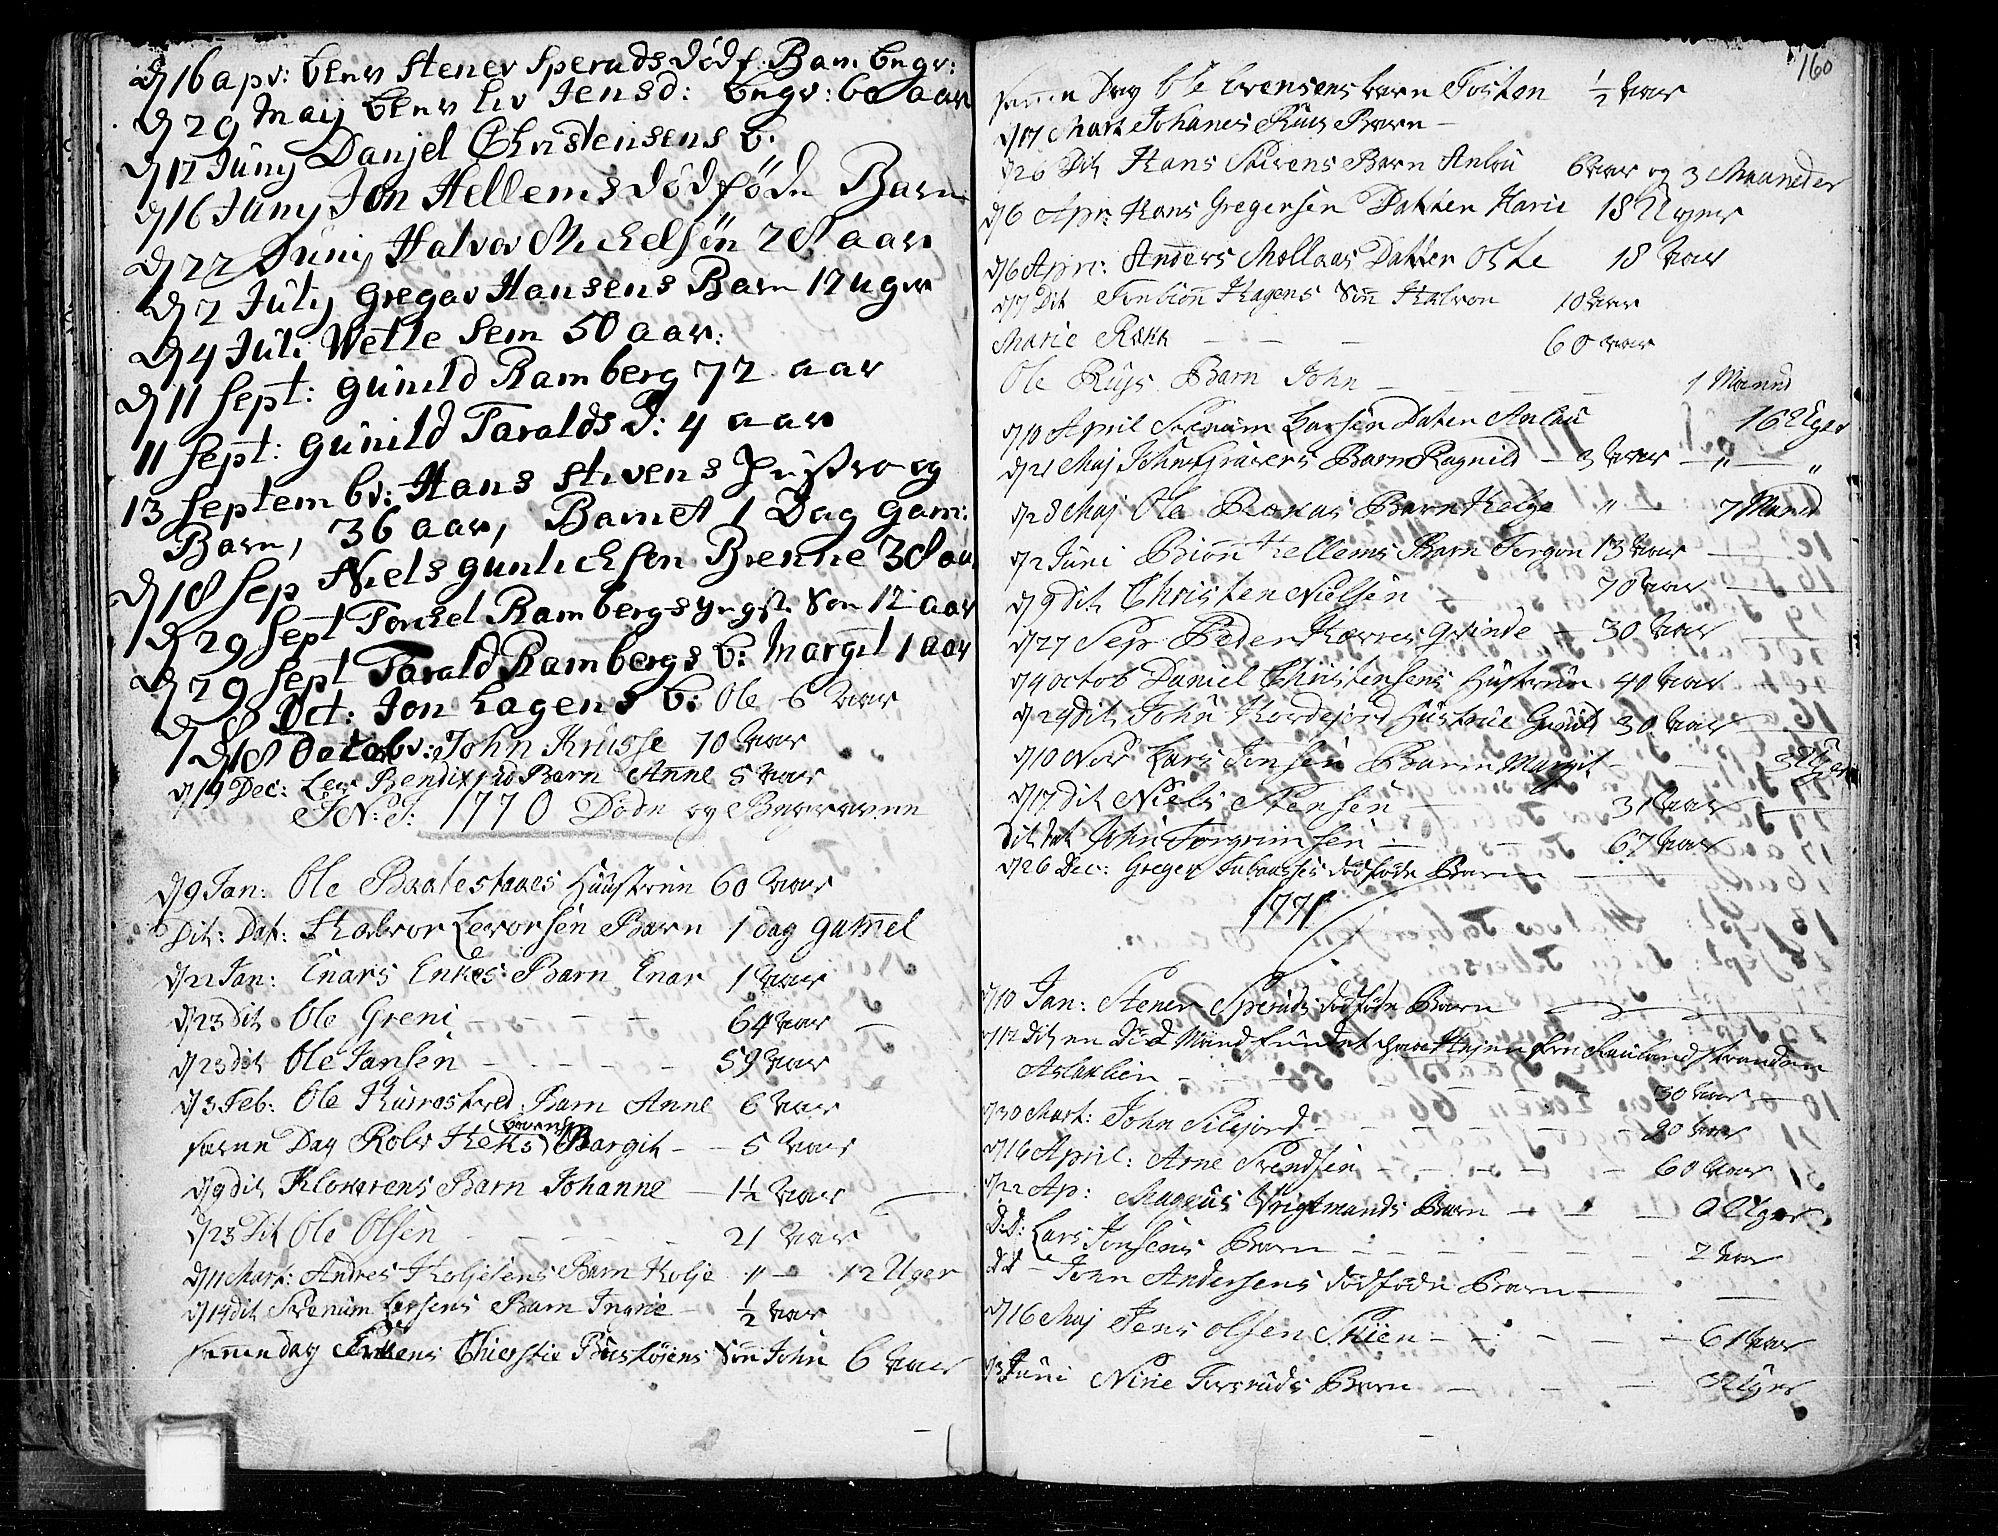 SAKO, Heddal kirkebøker, F/Fa/L0003: Ministerialbok nr. I 3, 1723-1783, s. 160